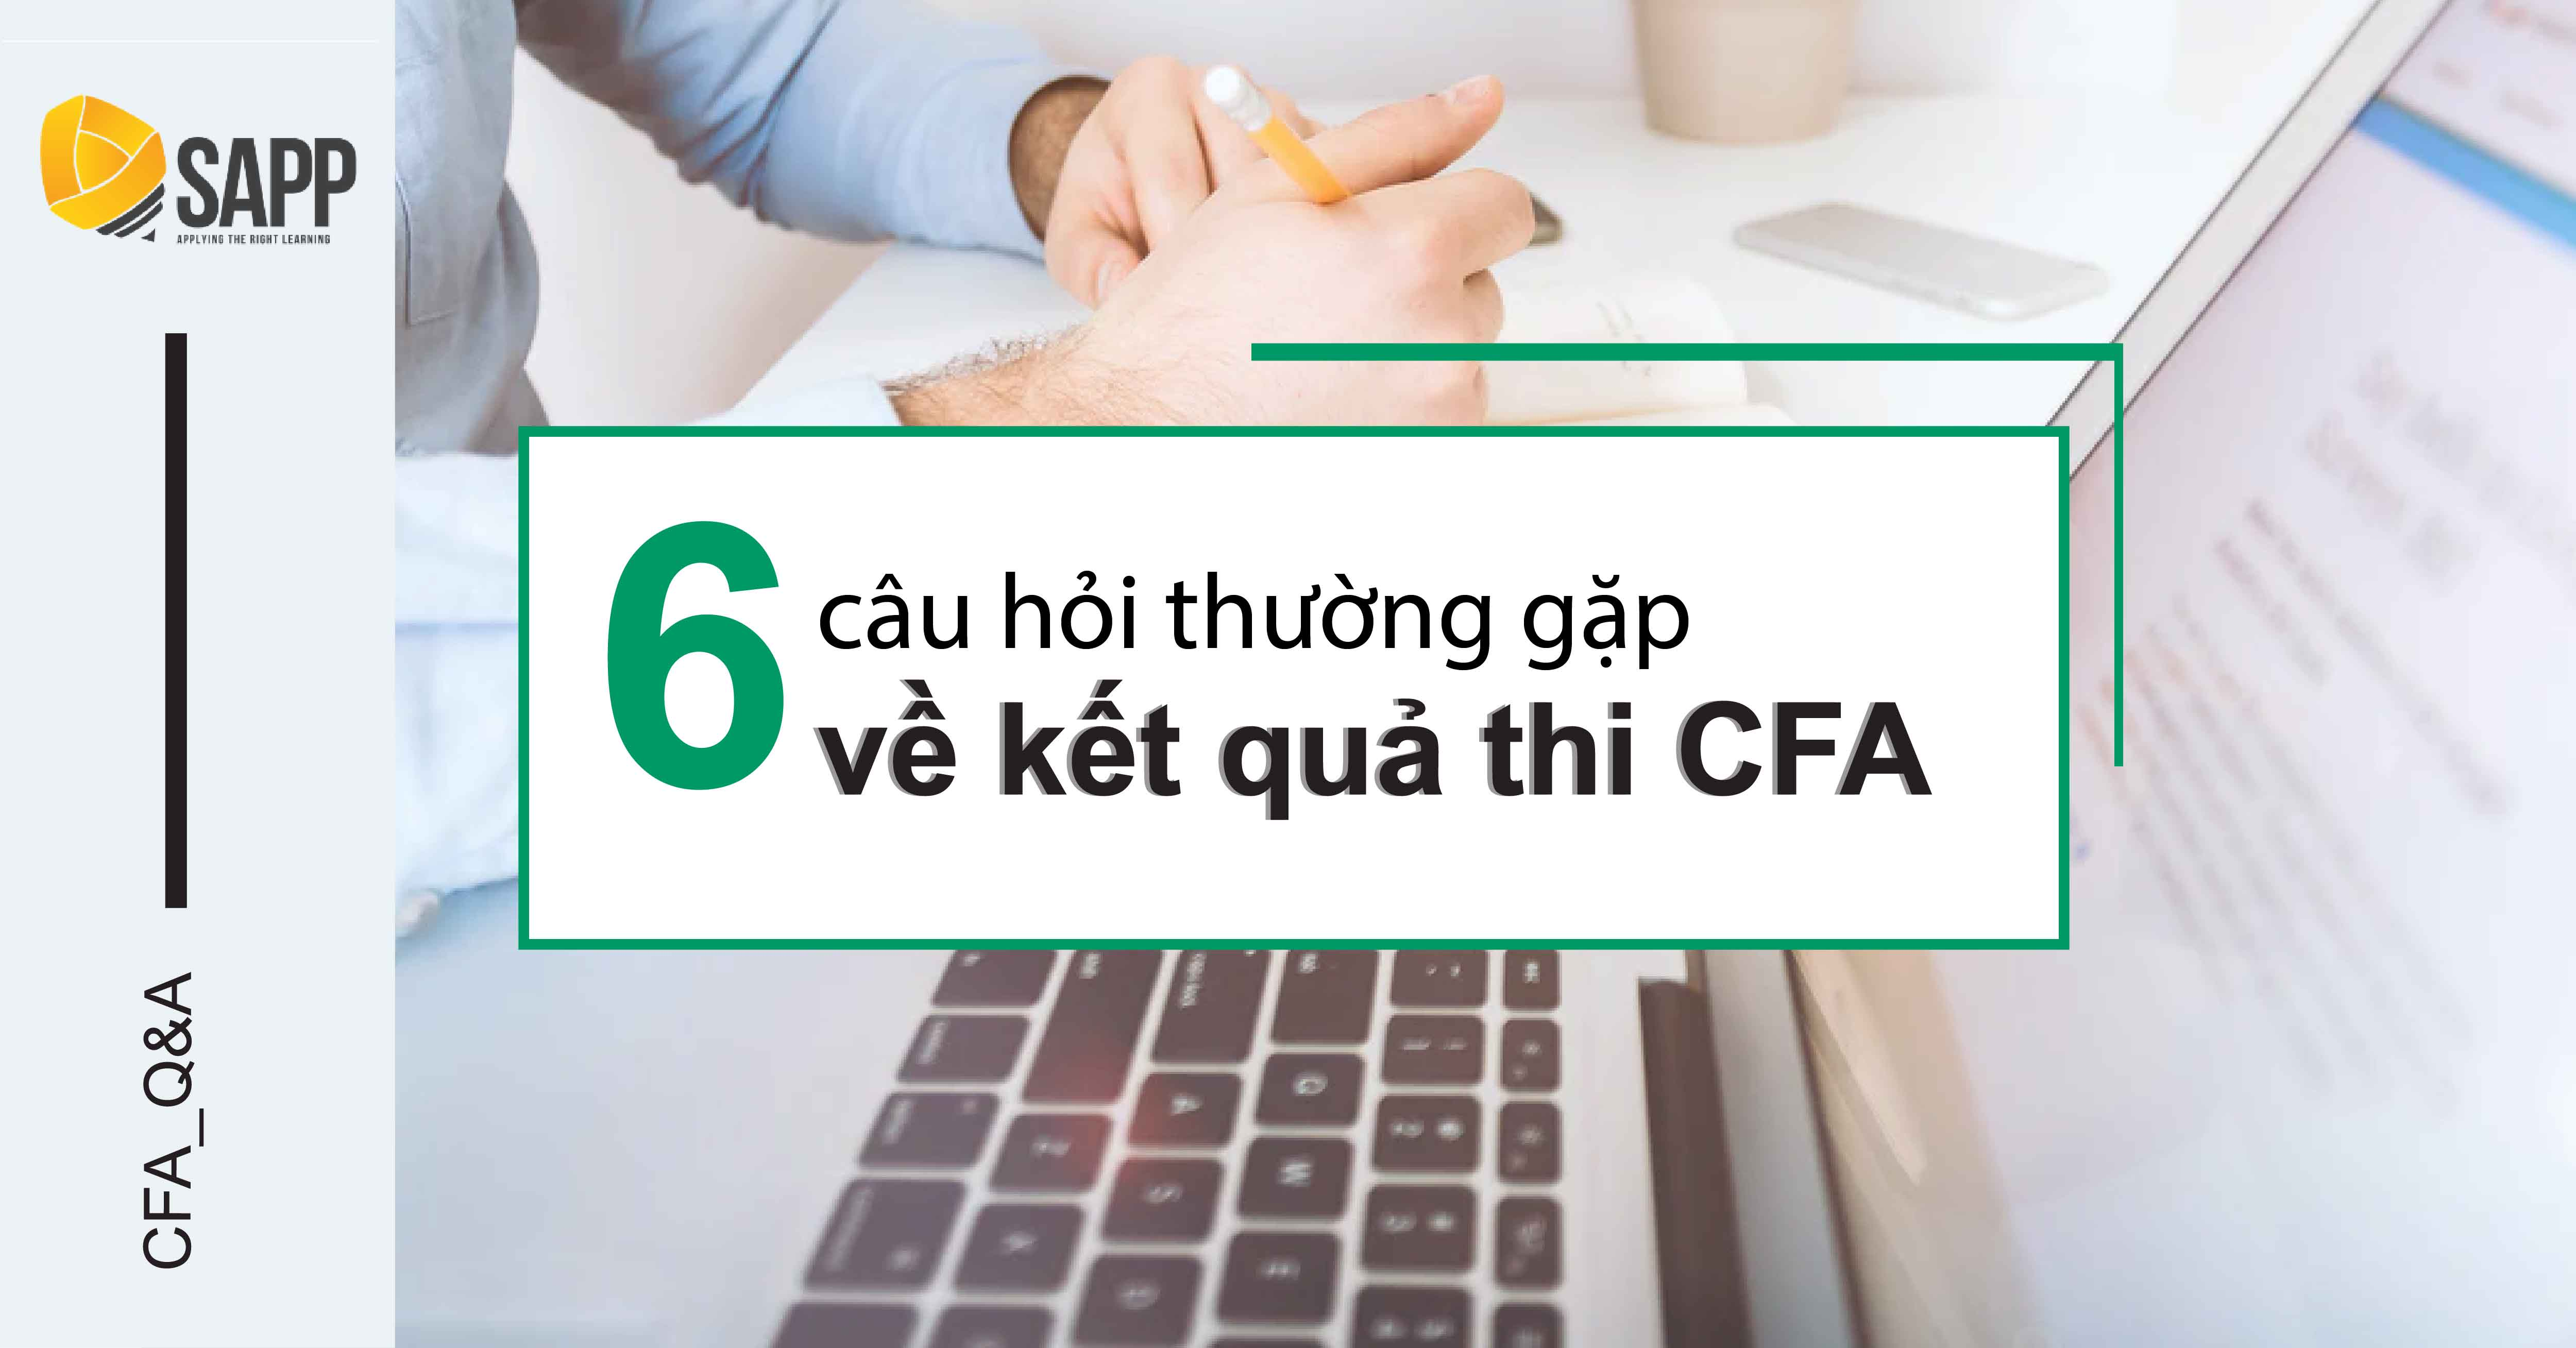 6 câu hỏi thường gặp về kết quả thi CFA